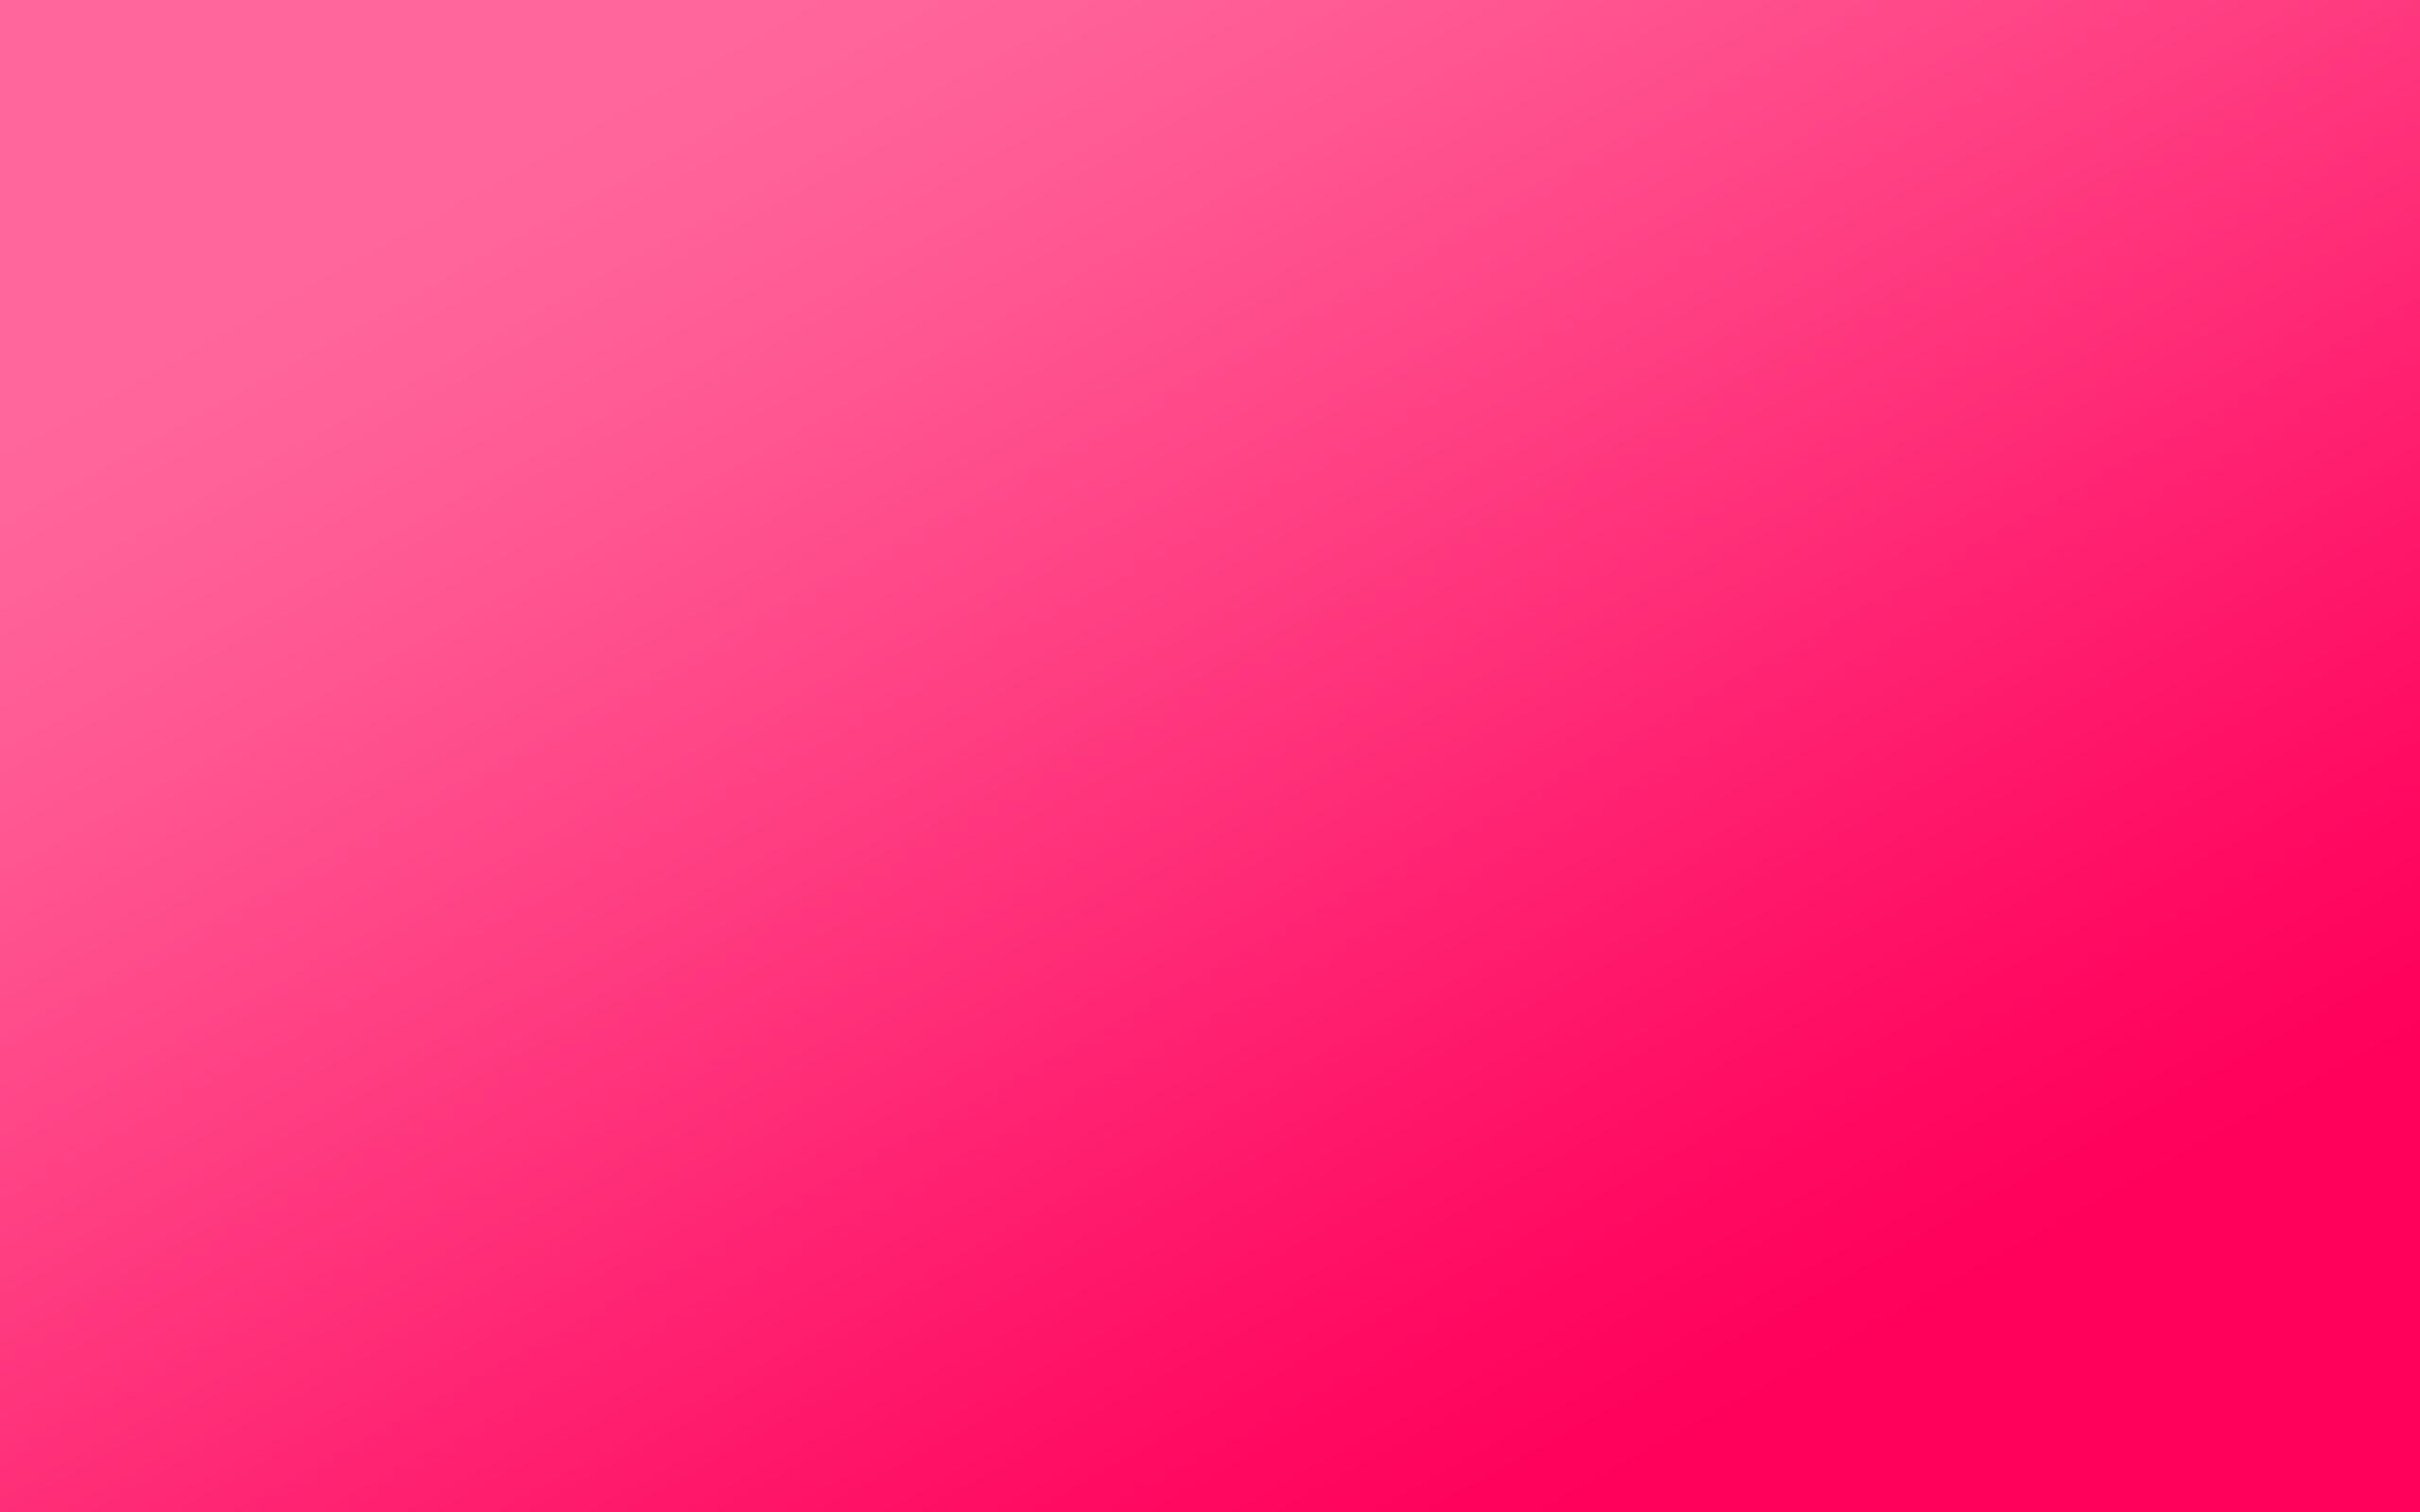 Hình nền màu hồng đậm